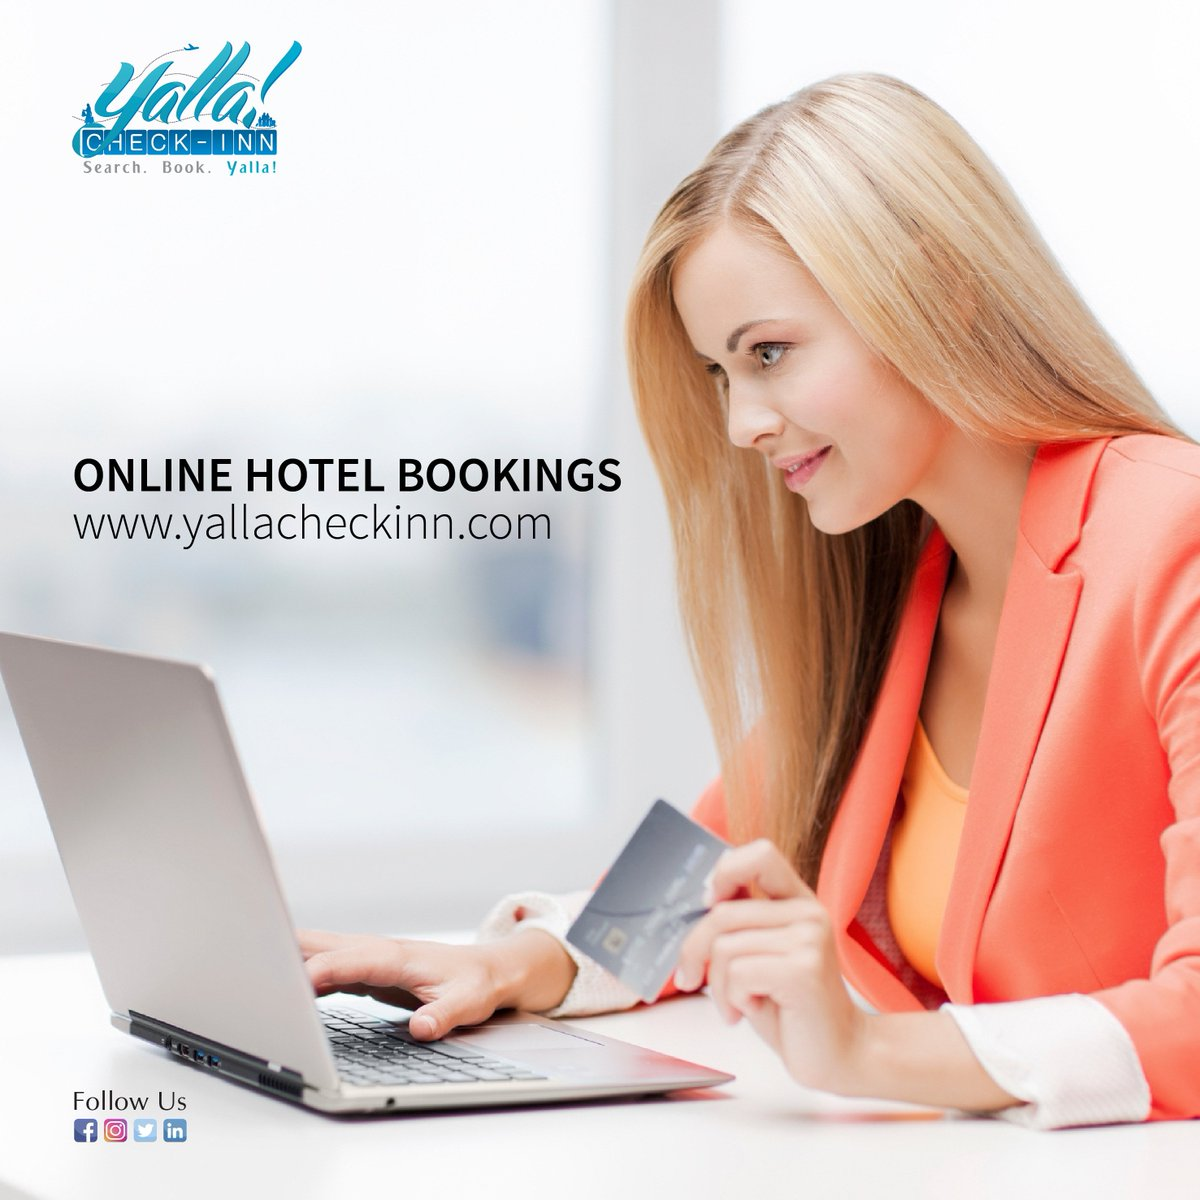 #Online #Hotel #Bookings 💻 https://t.co/baScaL4E94 https://t.co/Ta3cVl0ZPv